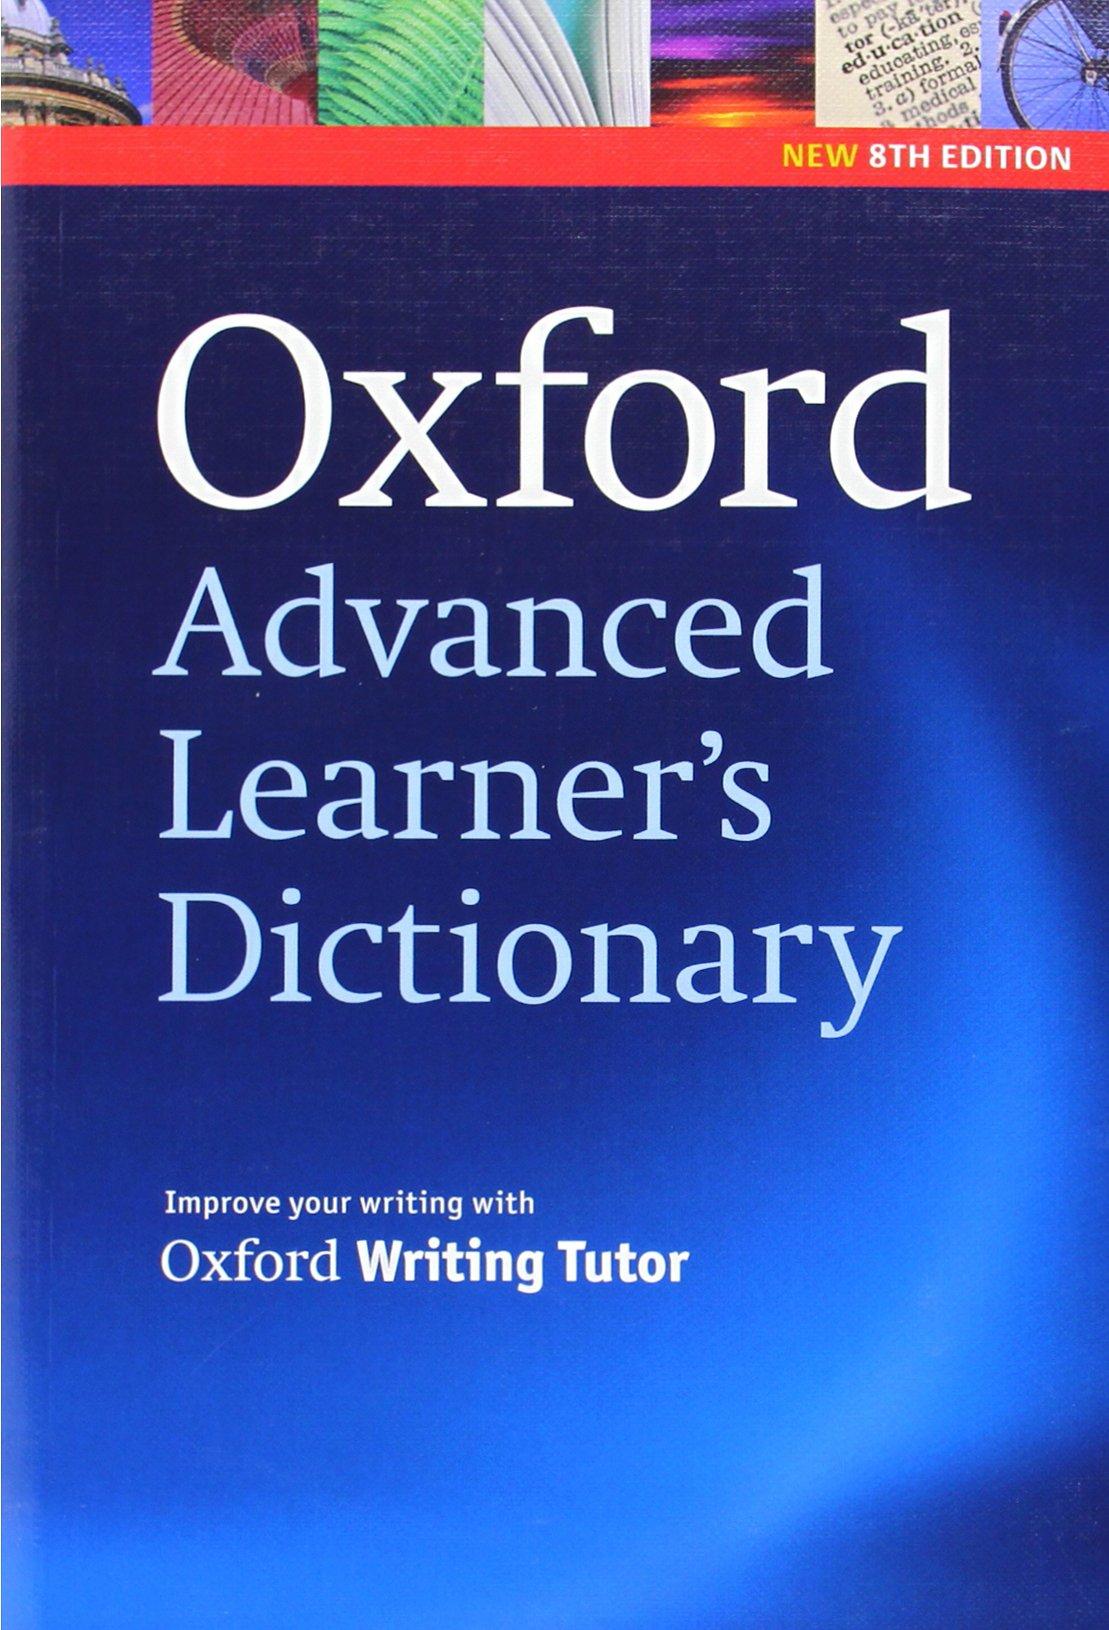 oxford advanced